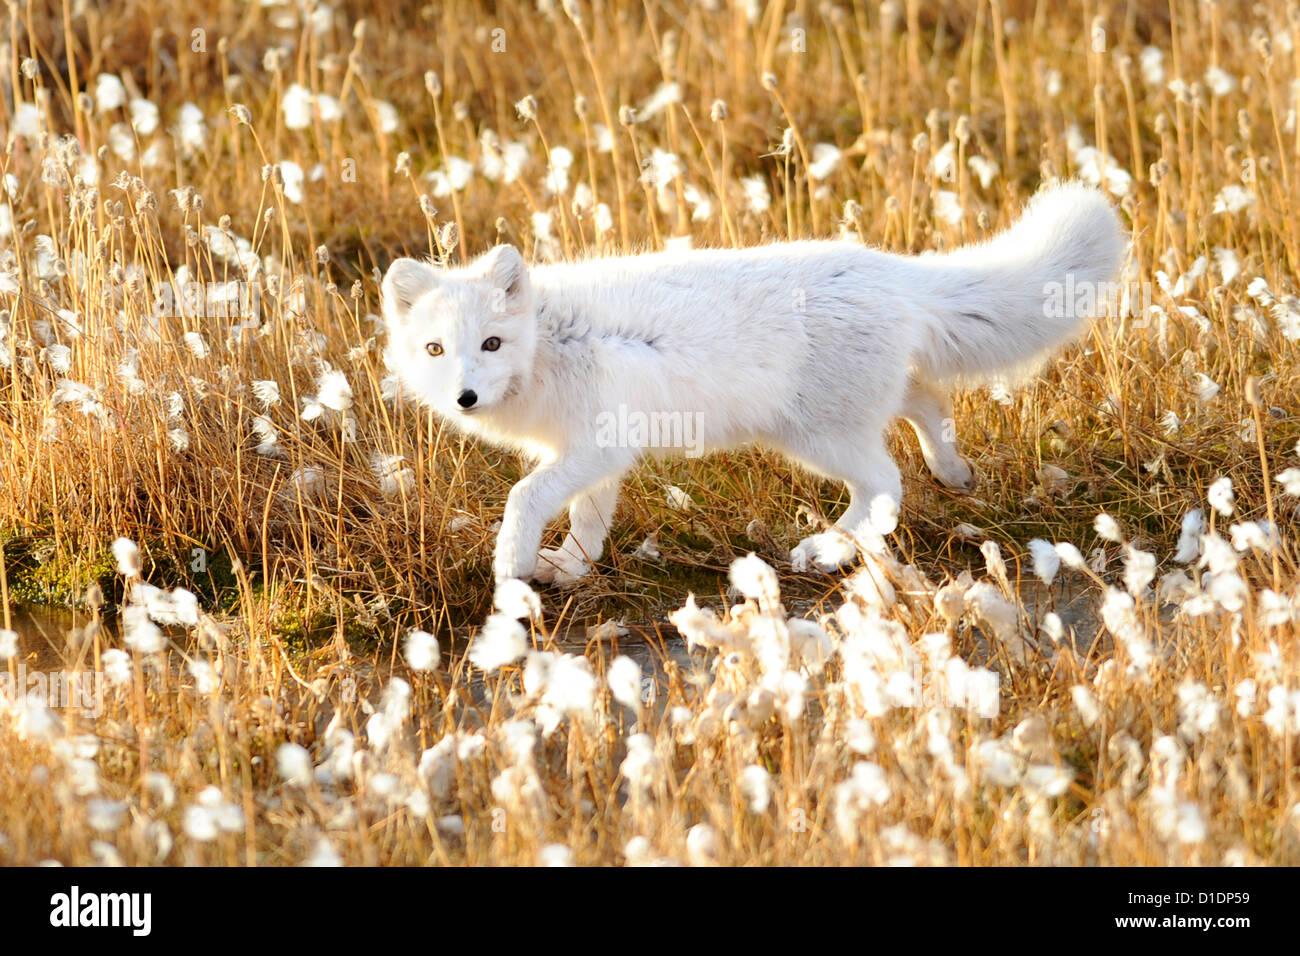 Un renard arctique promenades à travers la linaigrette du Canada le 17 septembre 2012 dans Pituffik, au Groenland. Banque D'Images